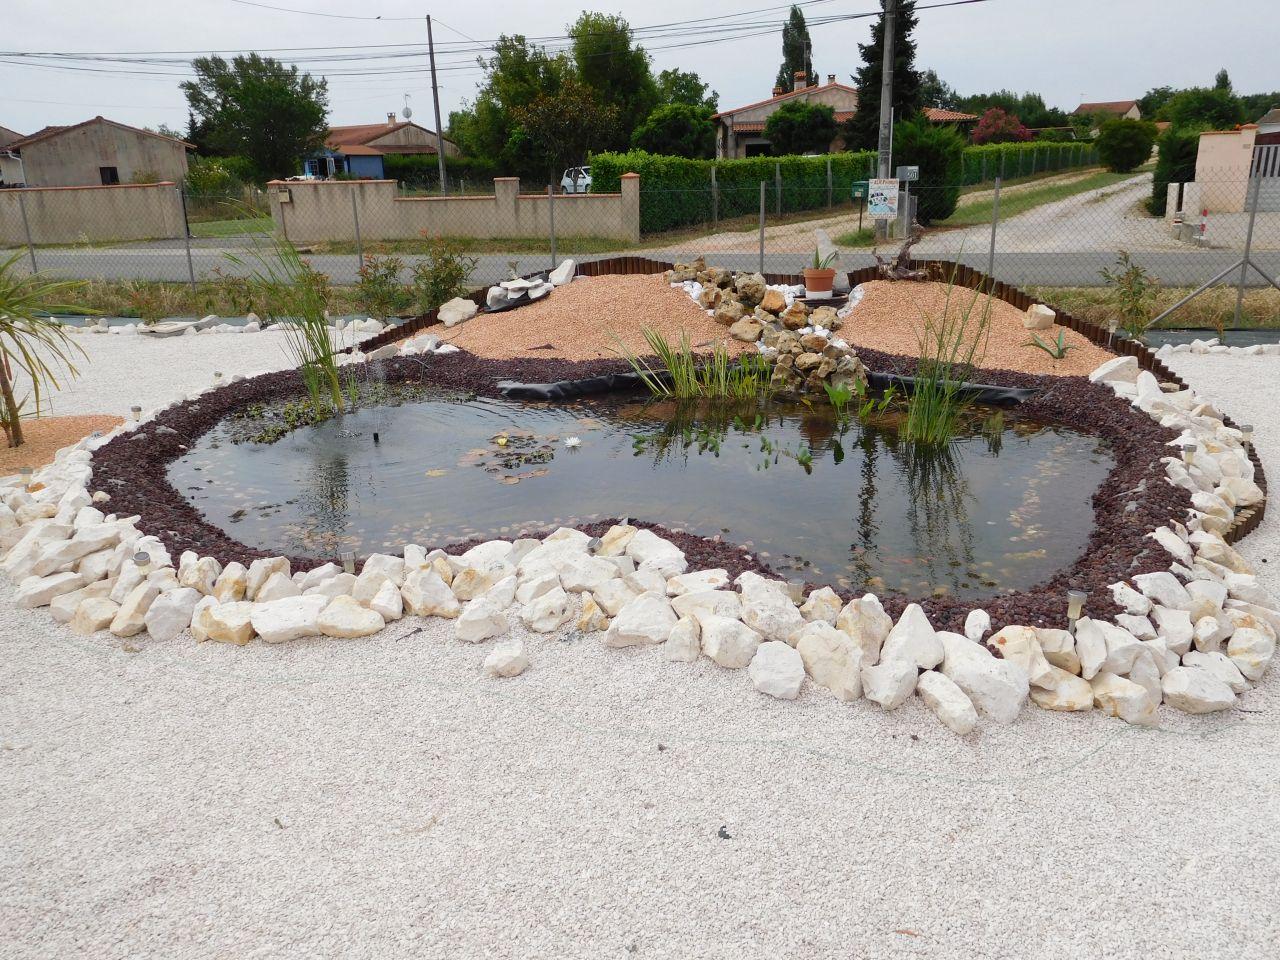 Choix du poele a granule longue absence nouvelles for Bache bassin verte